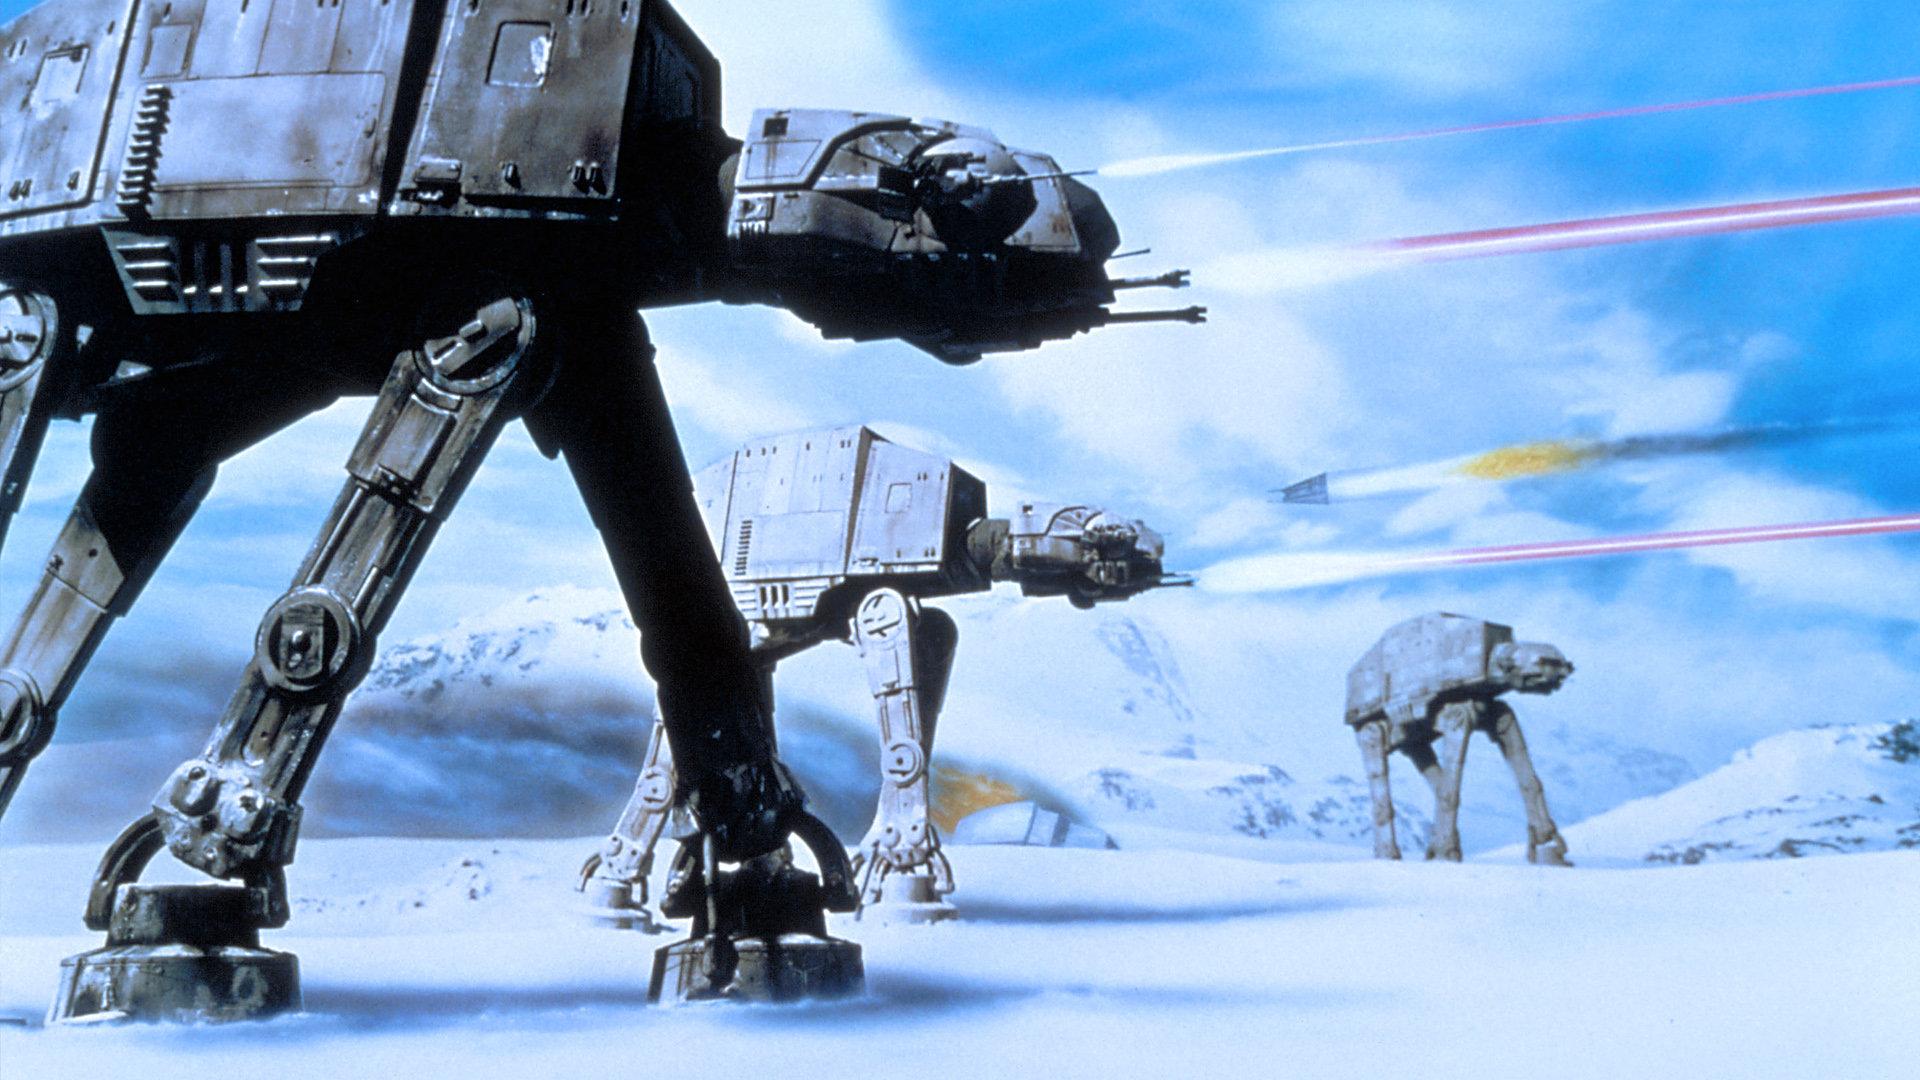 STAR WAR WALLPAPER Cool Star Wars Backgrounds 1920x1080